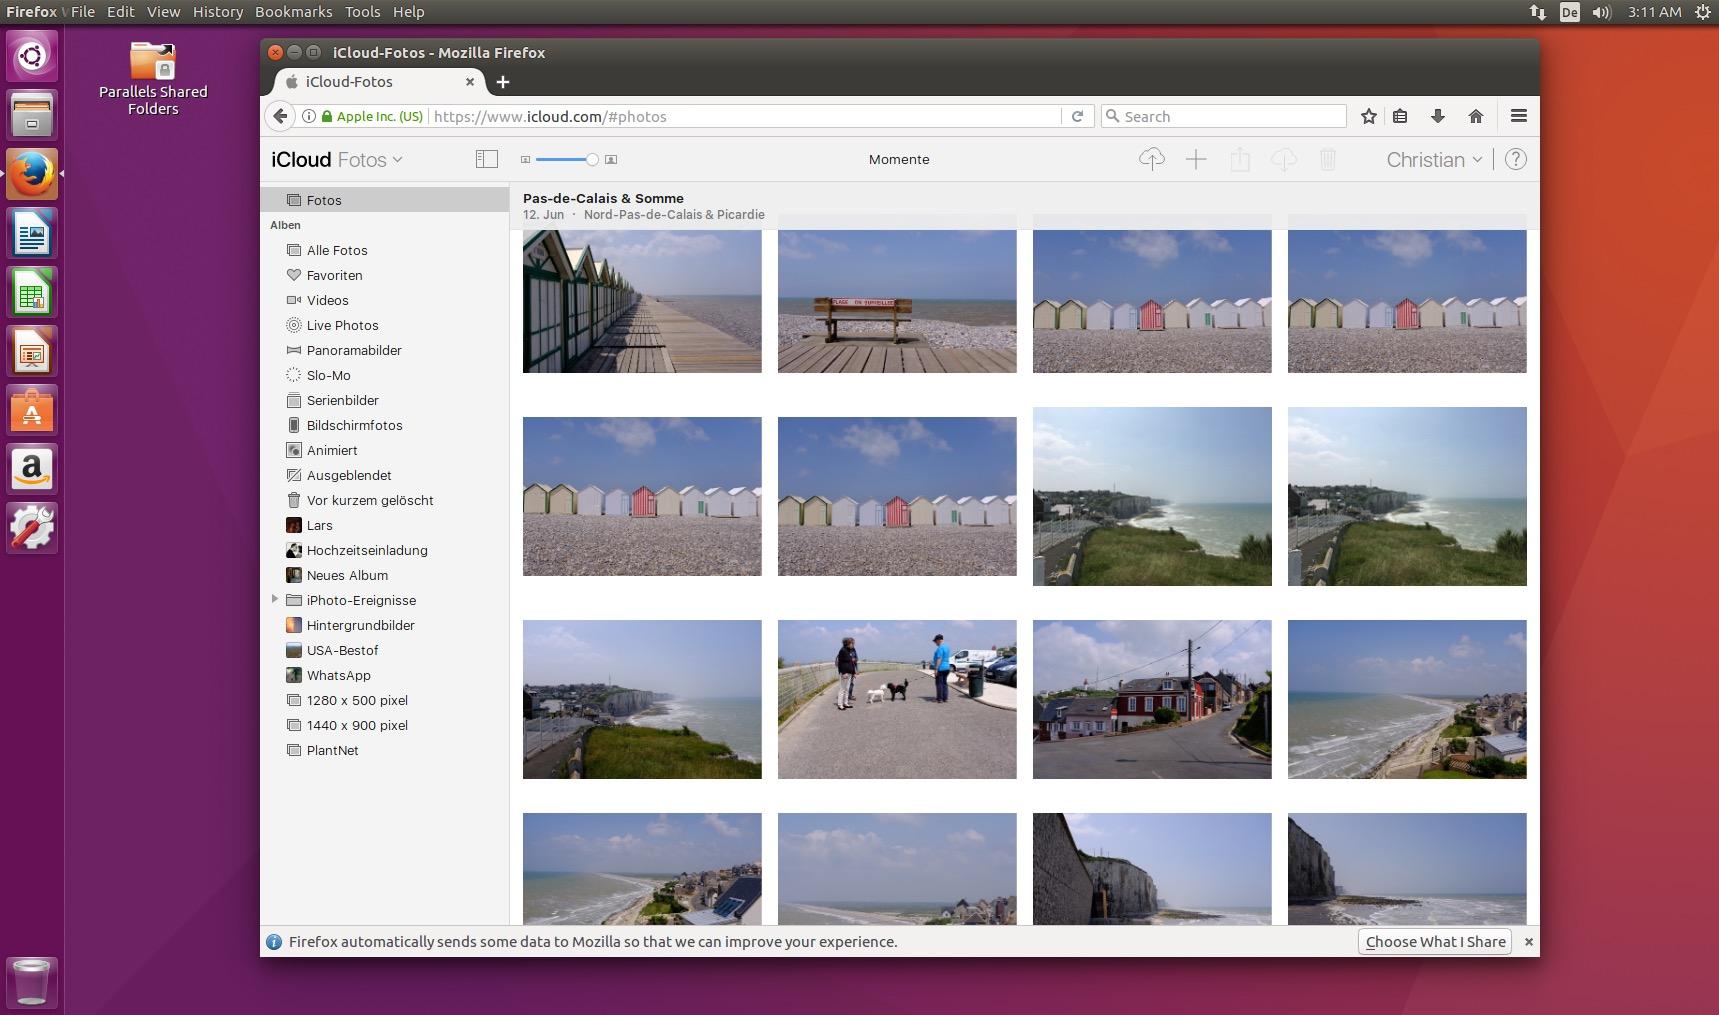 Ihr könnt mit dem Browser unter Ubuntu auf die iCloud zugreifen.